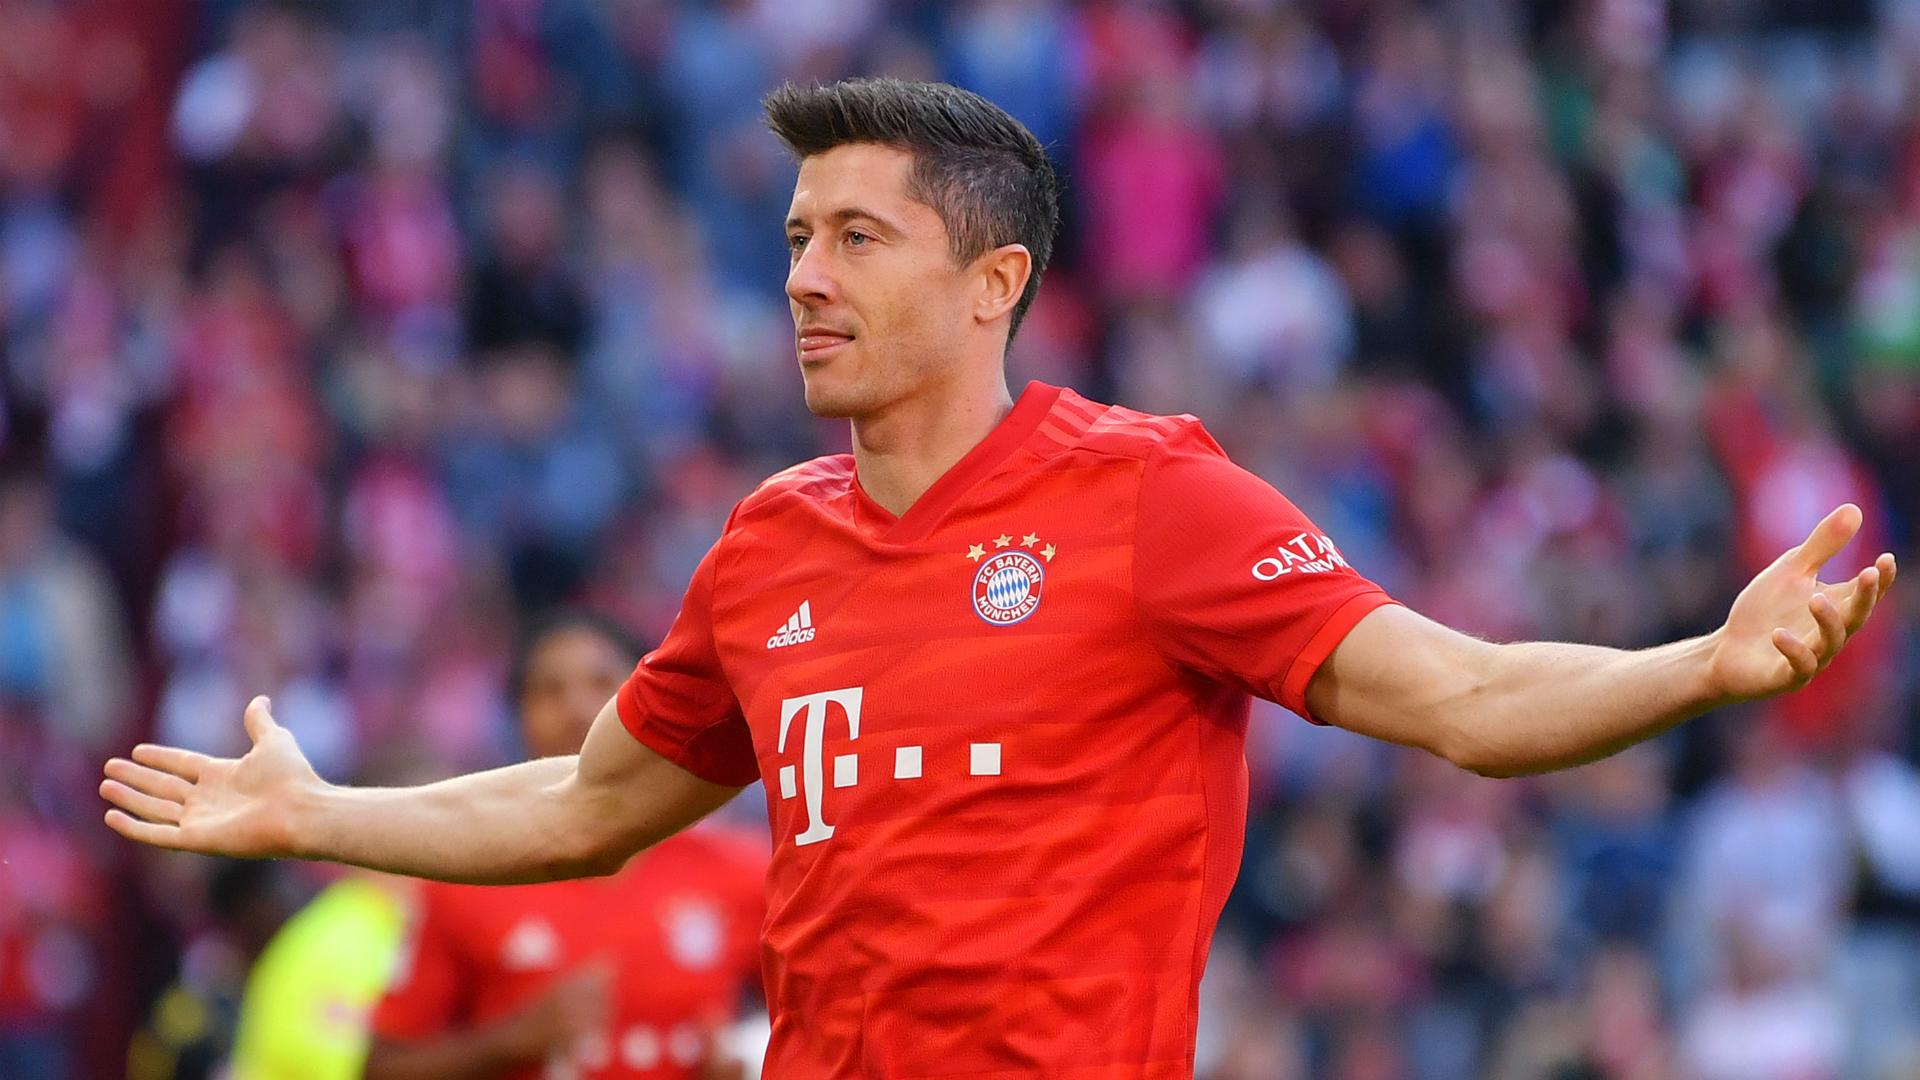 Bayern Munich 4-0 Cologne: Lewandowski scores two more as Coutinho opens account